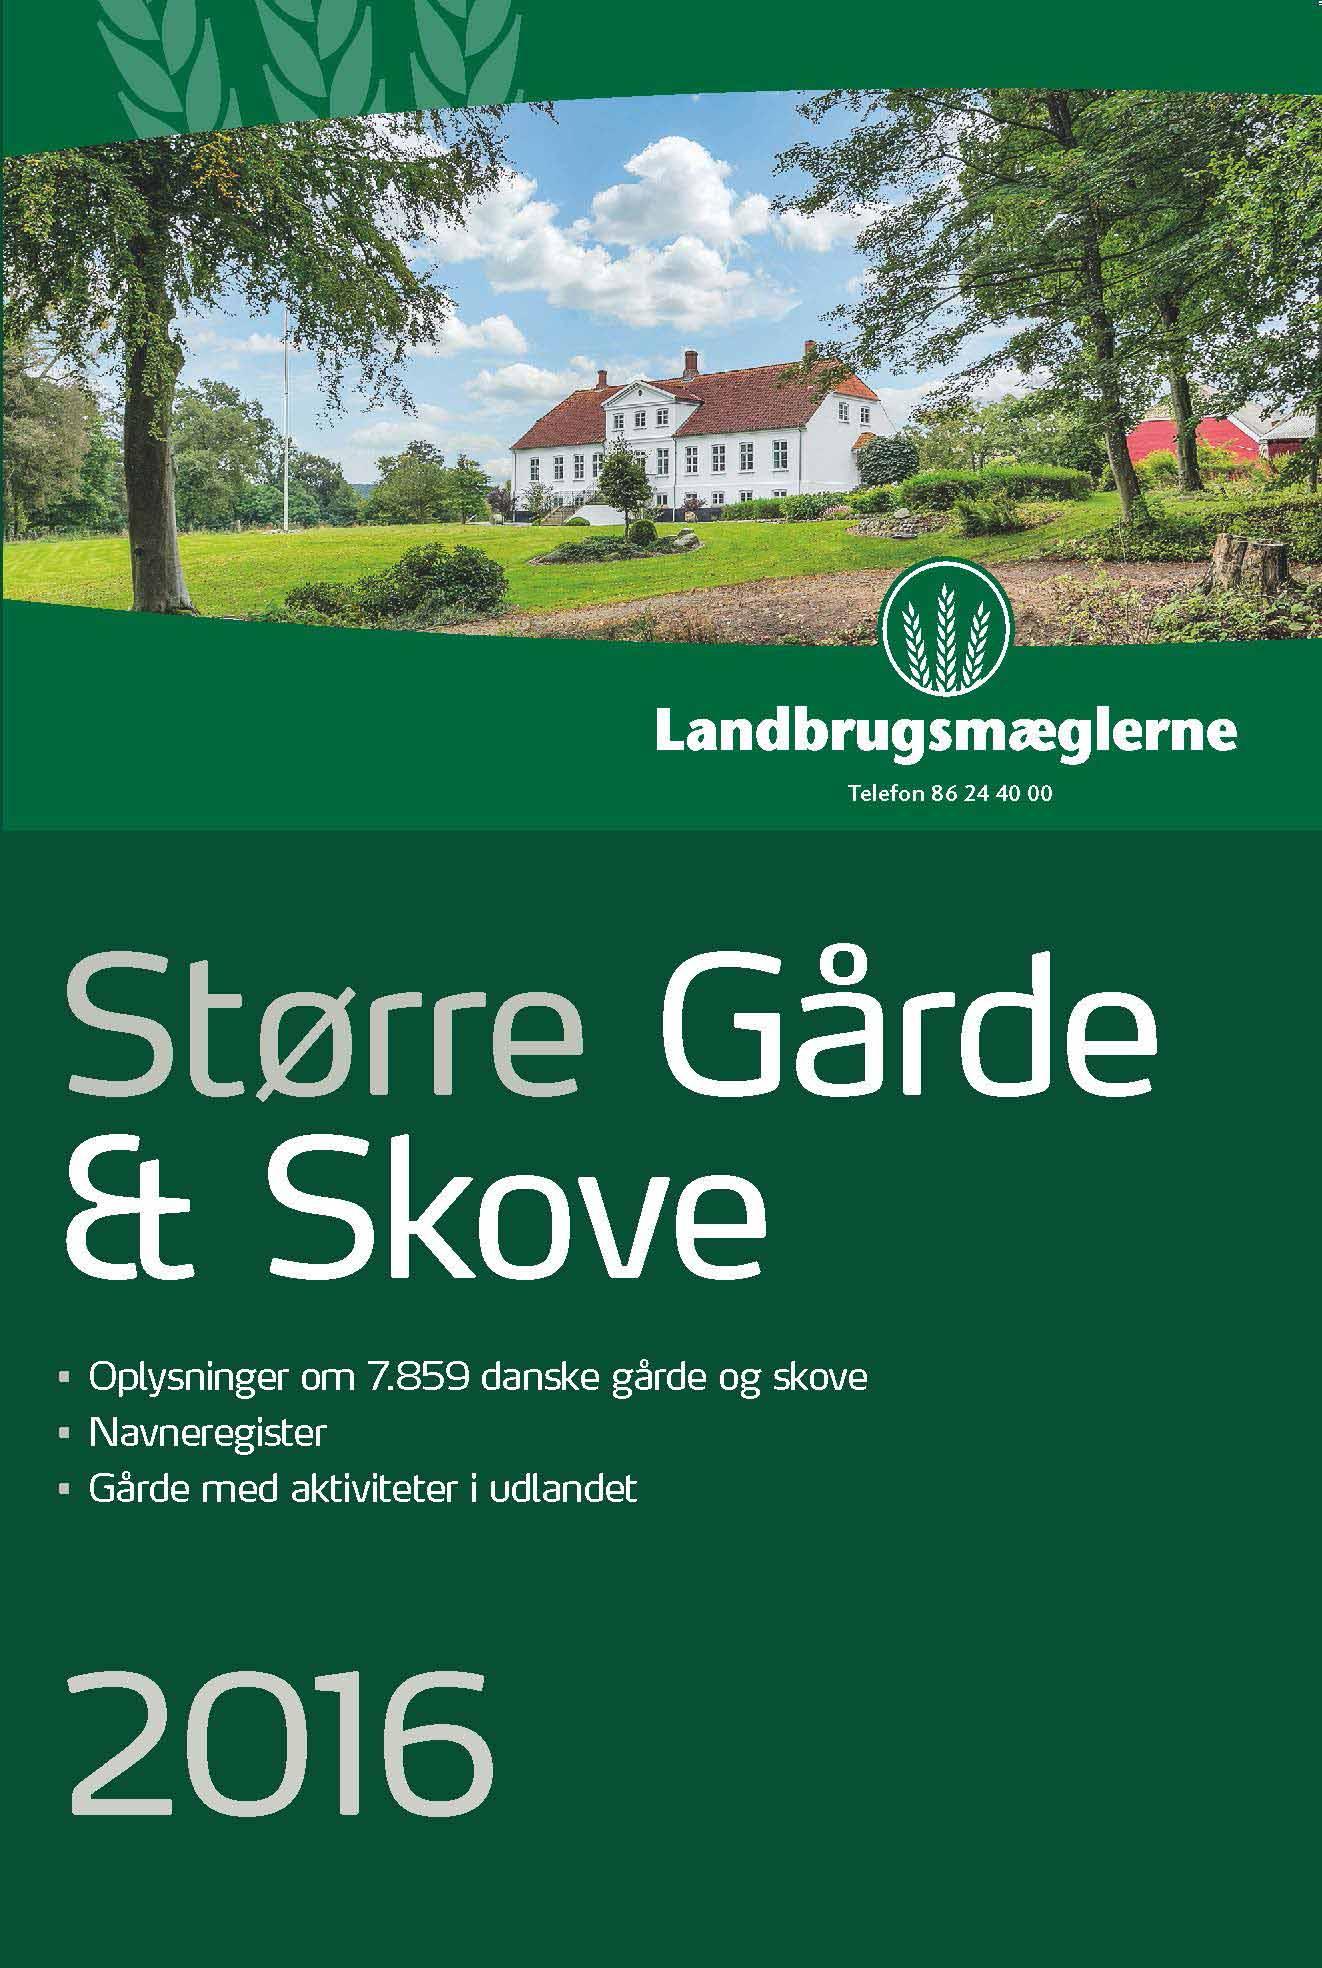 Større Gårde & Skove 2016